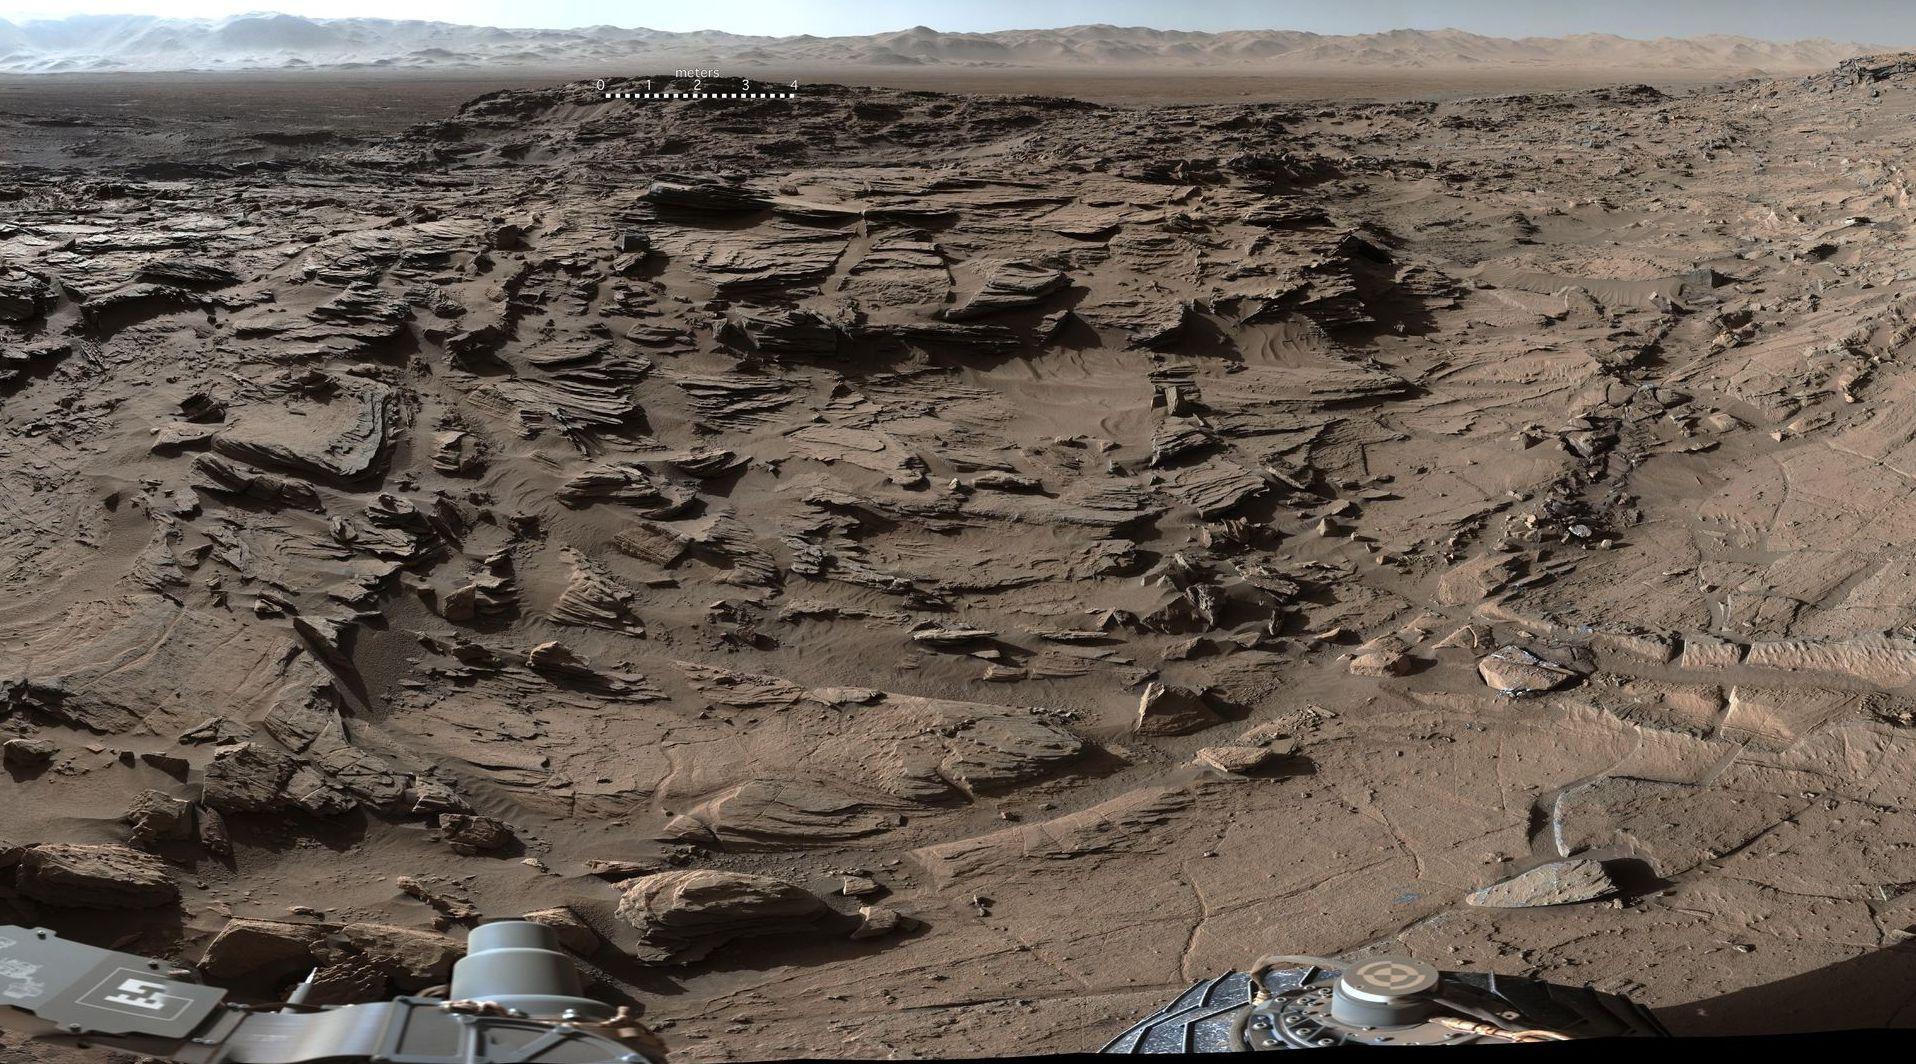 Atemberaubende Aufnahme: Curiosity hat am 4. April 2016 dieses Bild des Naukluft Plateaus auf dem Mars aufgenommen.